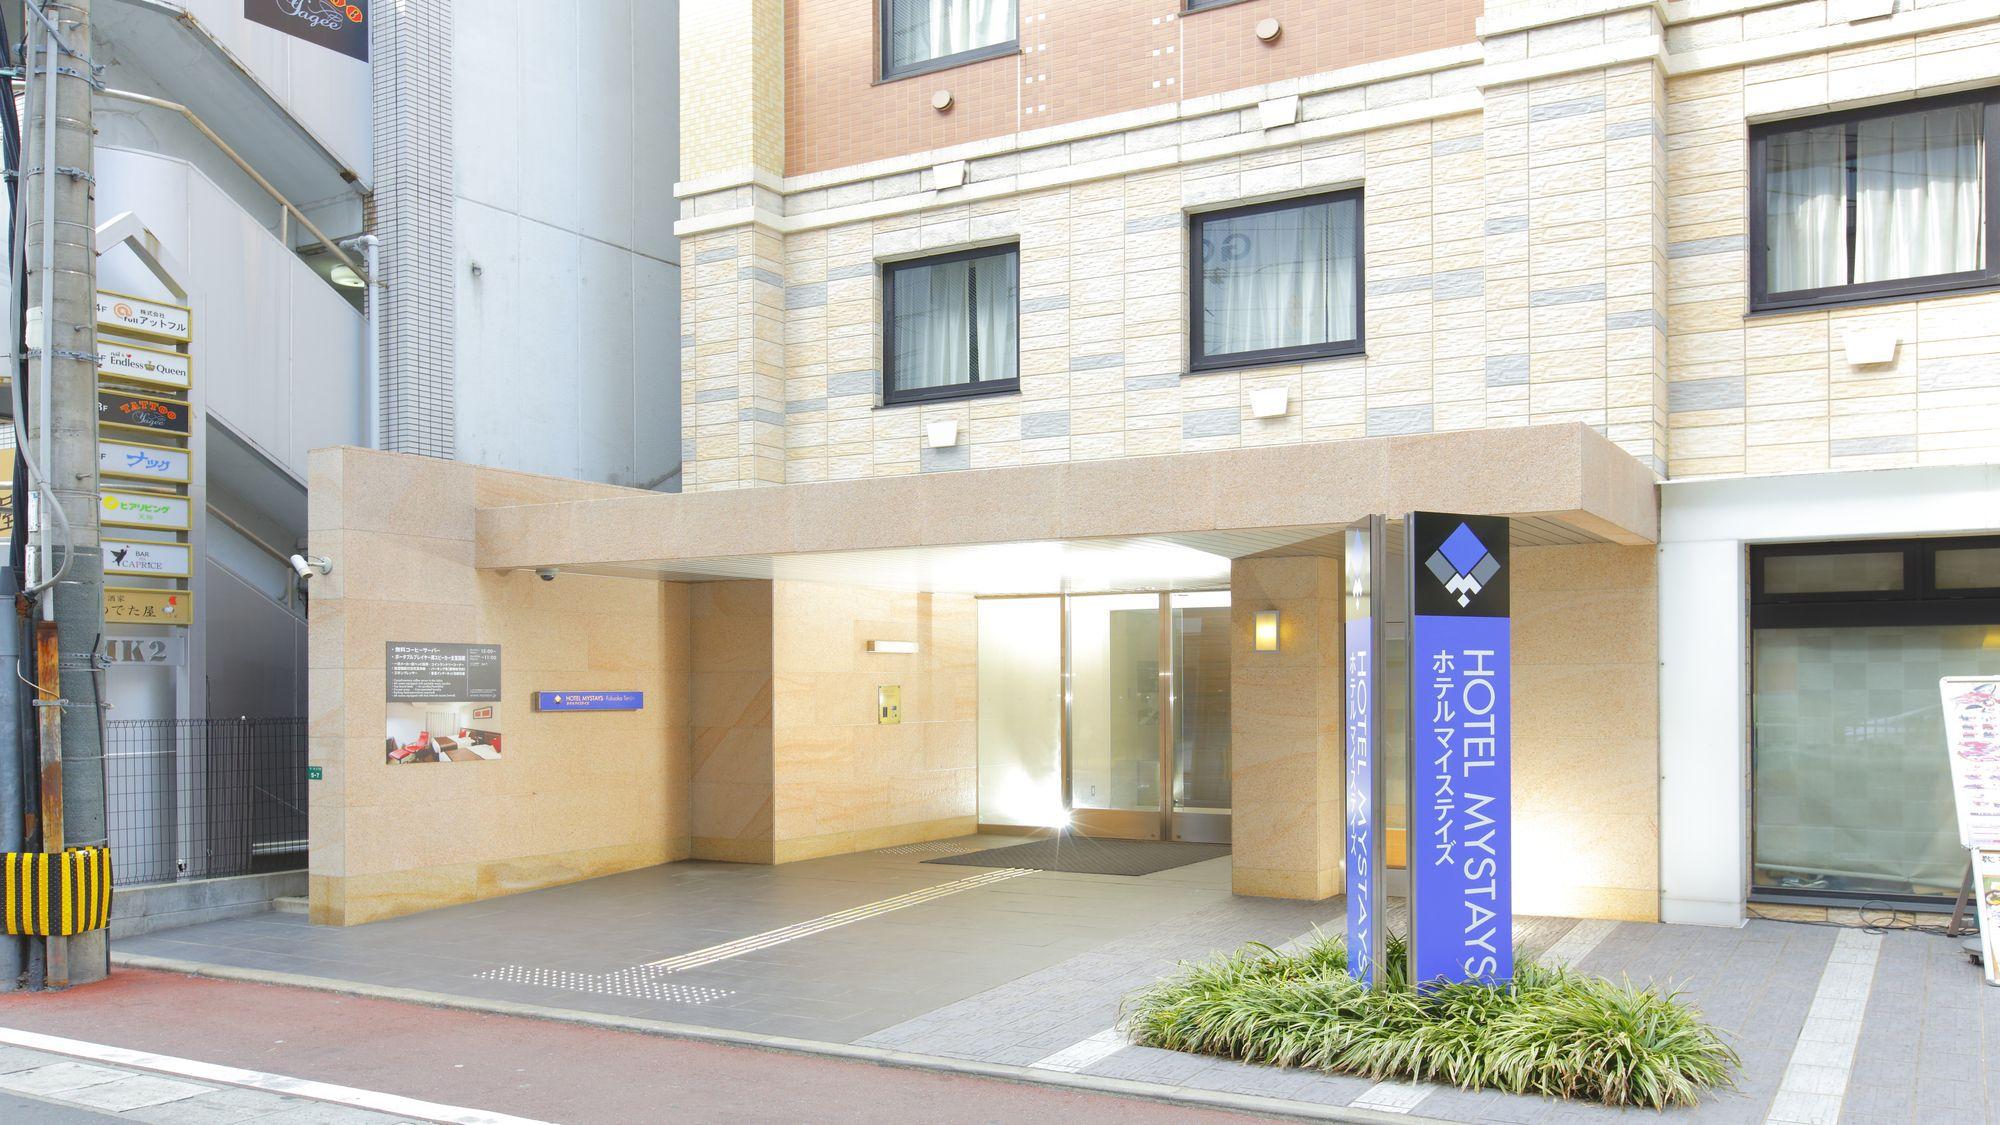 ホテルマイステイズ福岡天神 image